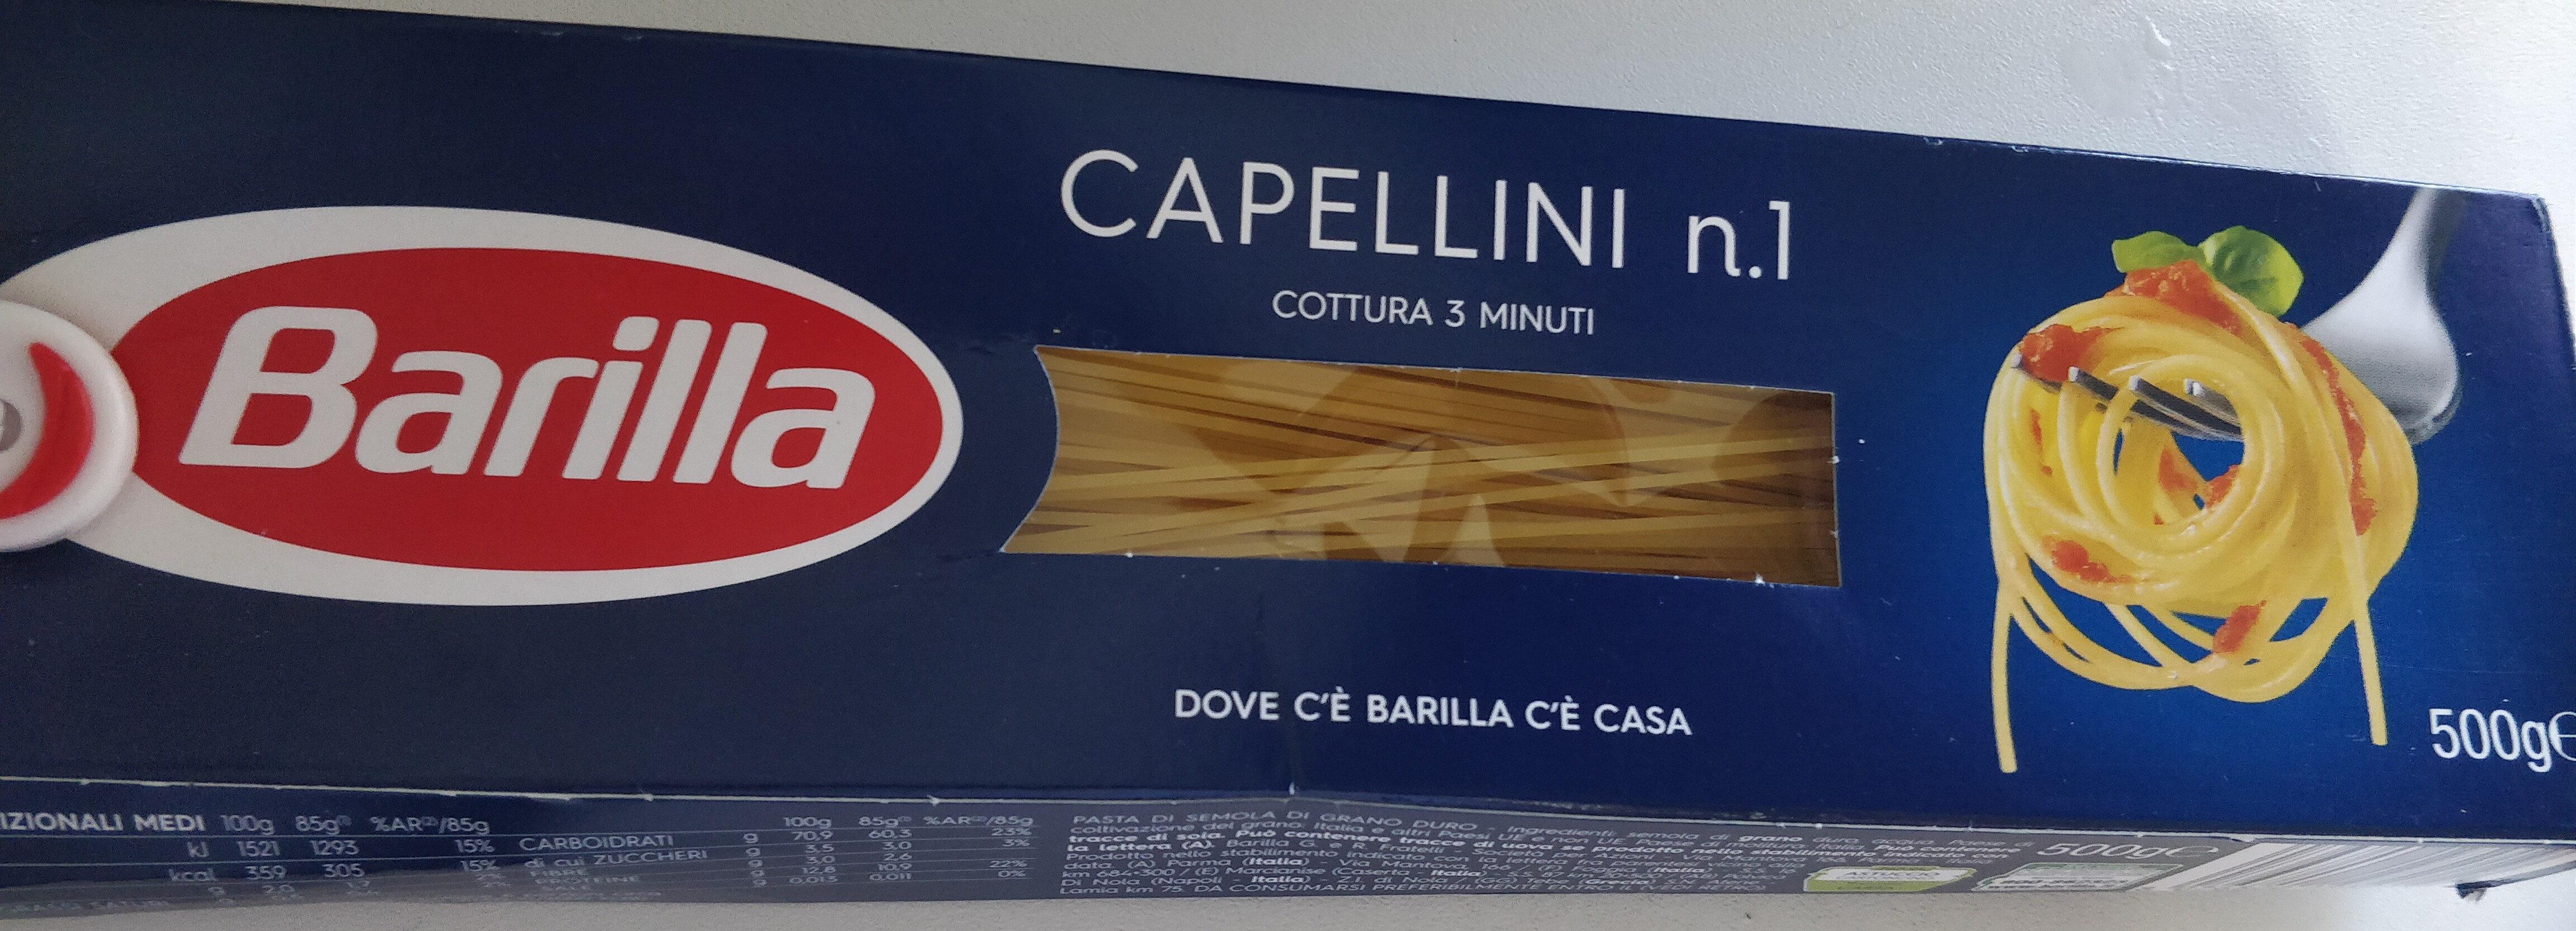 spaghetti capellini n. 1 - Product